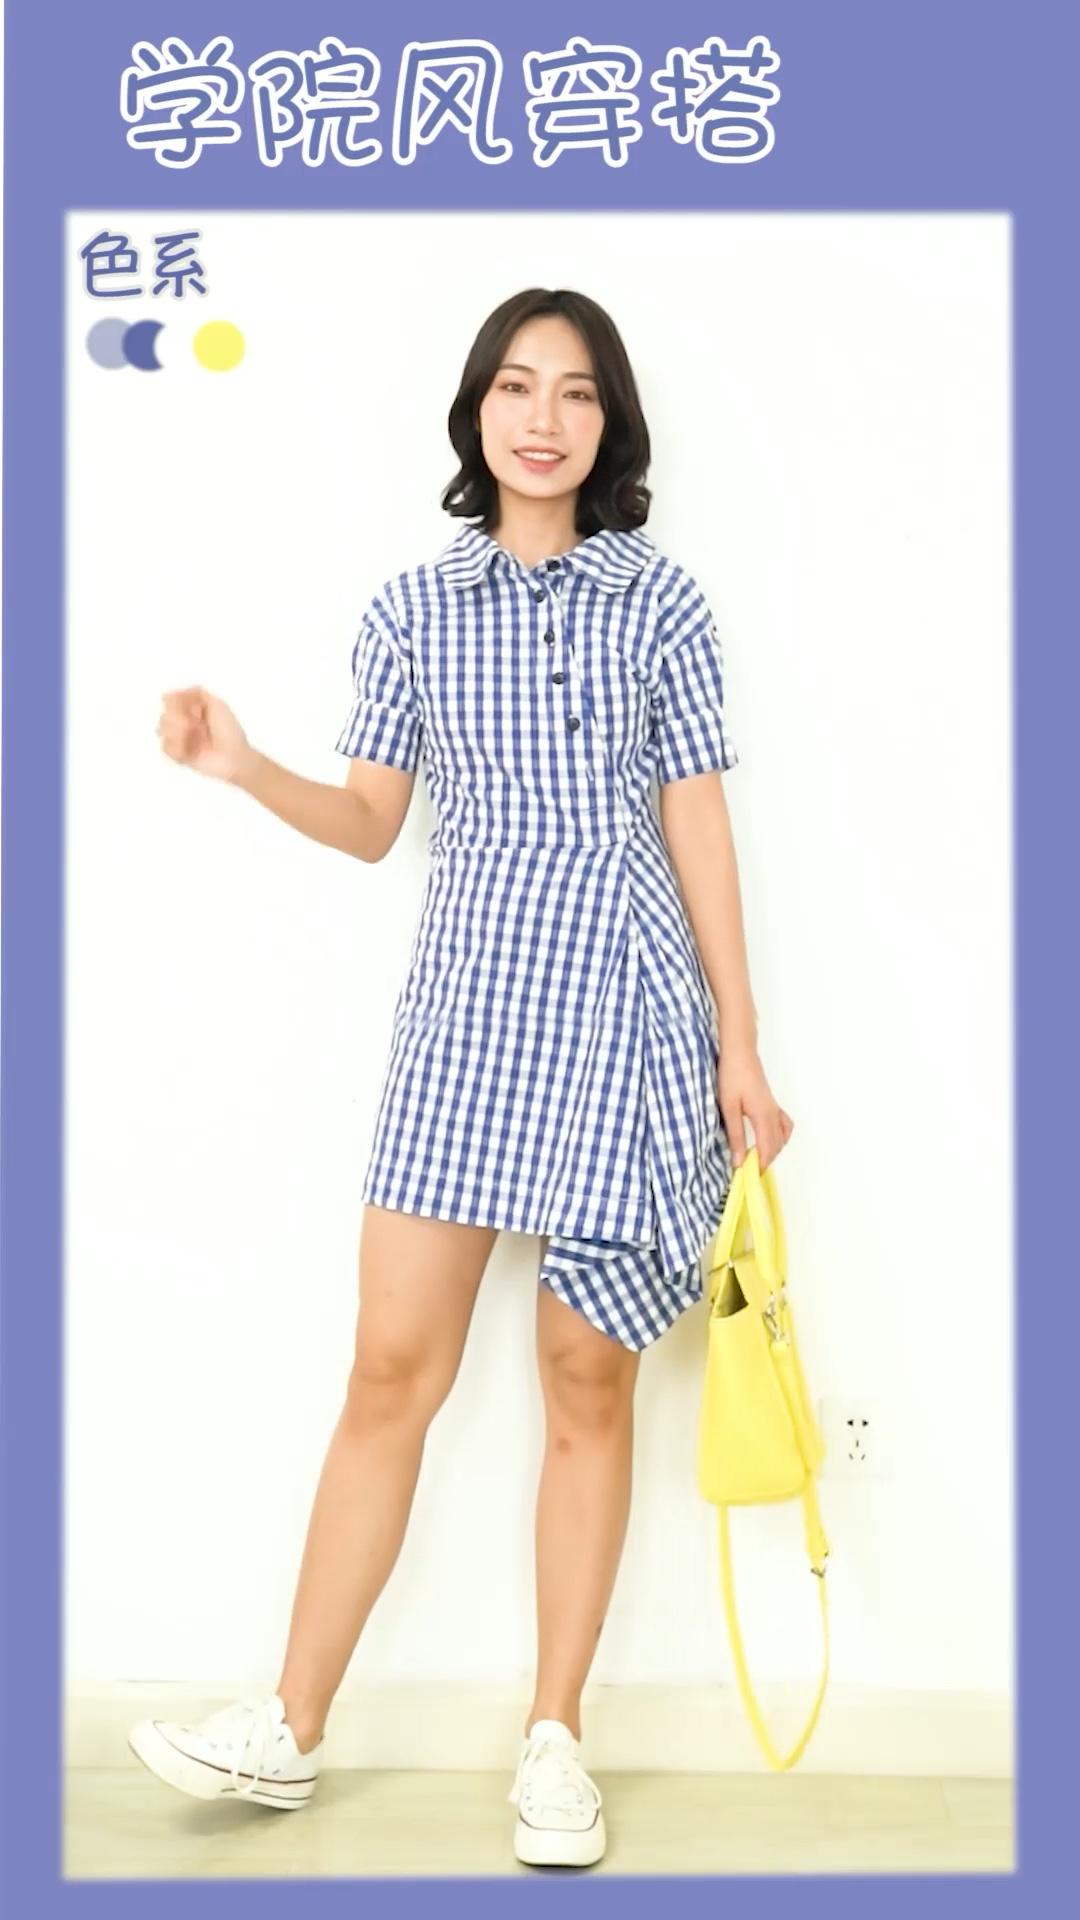 #小个子穿什么一键拉长比例# 今天分享一款学院风穿搭~ 蓝白色格子连衣裙,俏皮减龄,领口设计非常有趣,可以稍微解开两个扣子,露出锁骨,很性感,也可以和我一样都扣起来,也非常俏皮,裙摆不规则的设计增加时髦度,高腰短款很适合小个子,可以一下子拉高腰线露出大长腿~